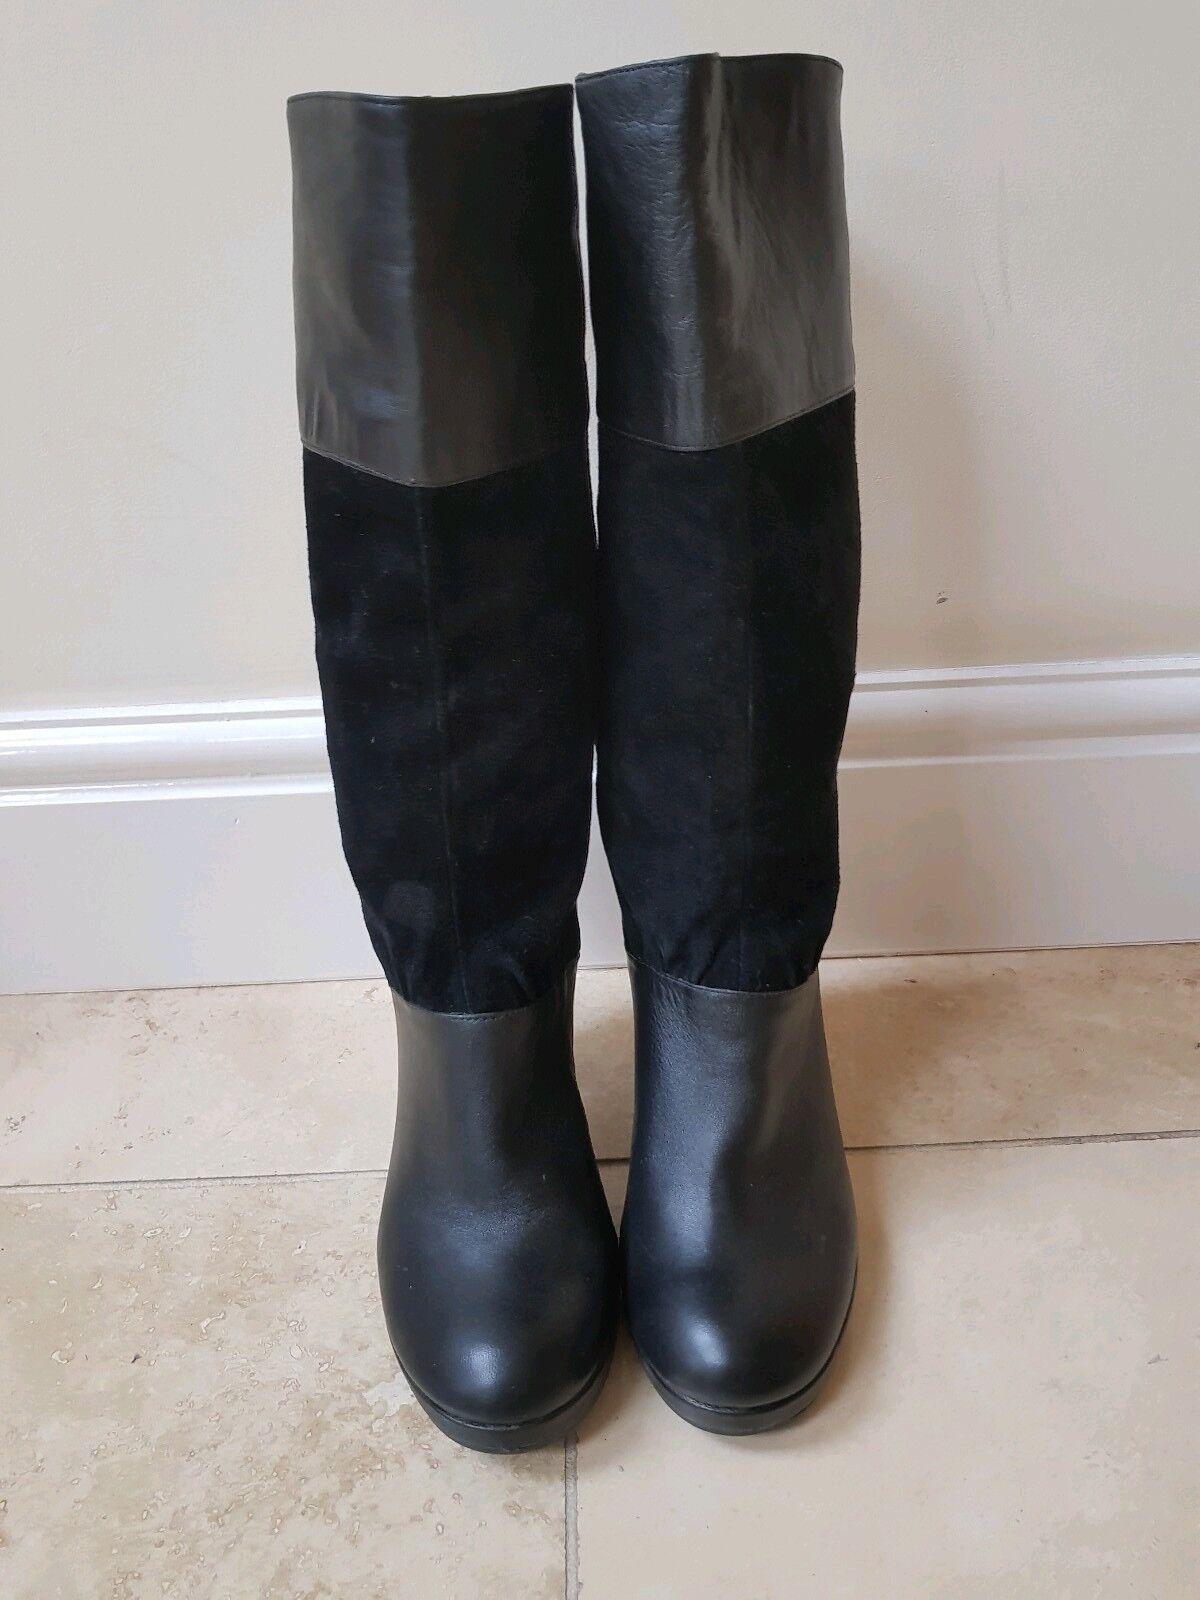 Para mujer licencia licencia licencia poética Cuero Negro botas De Gamuza Tacones Altos Tirar en tamaño de Reino Unido 5 38  almacén al por mayor